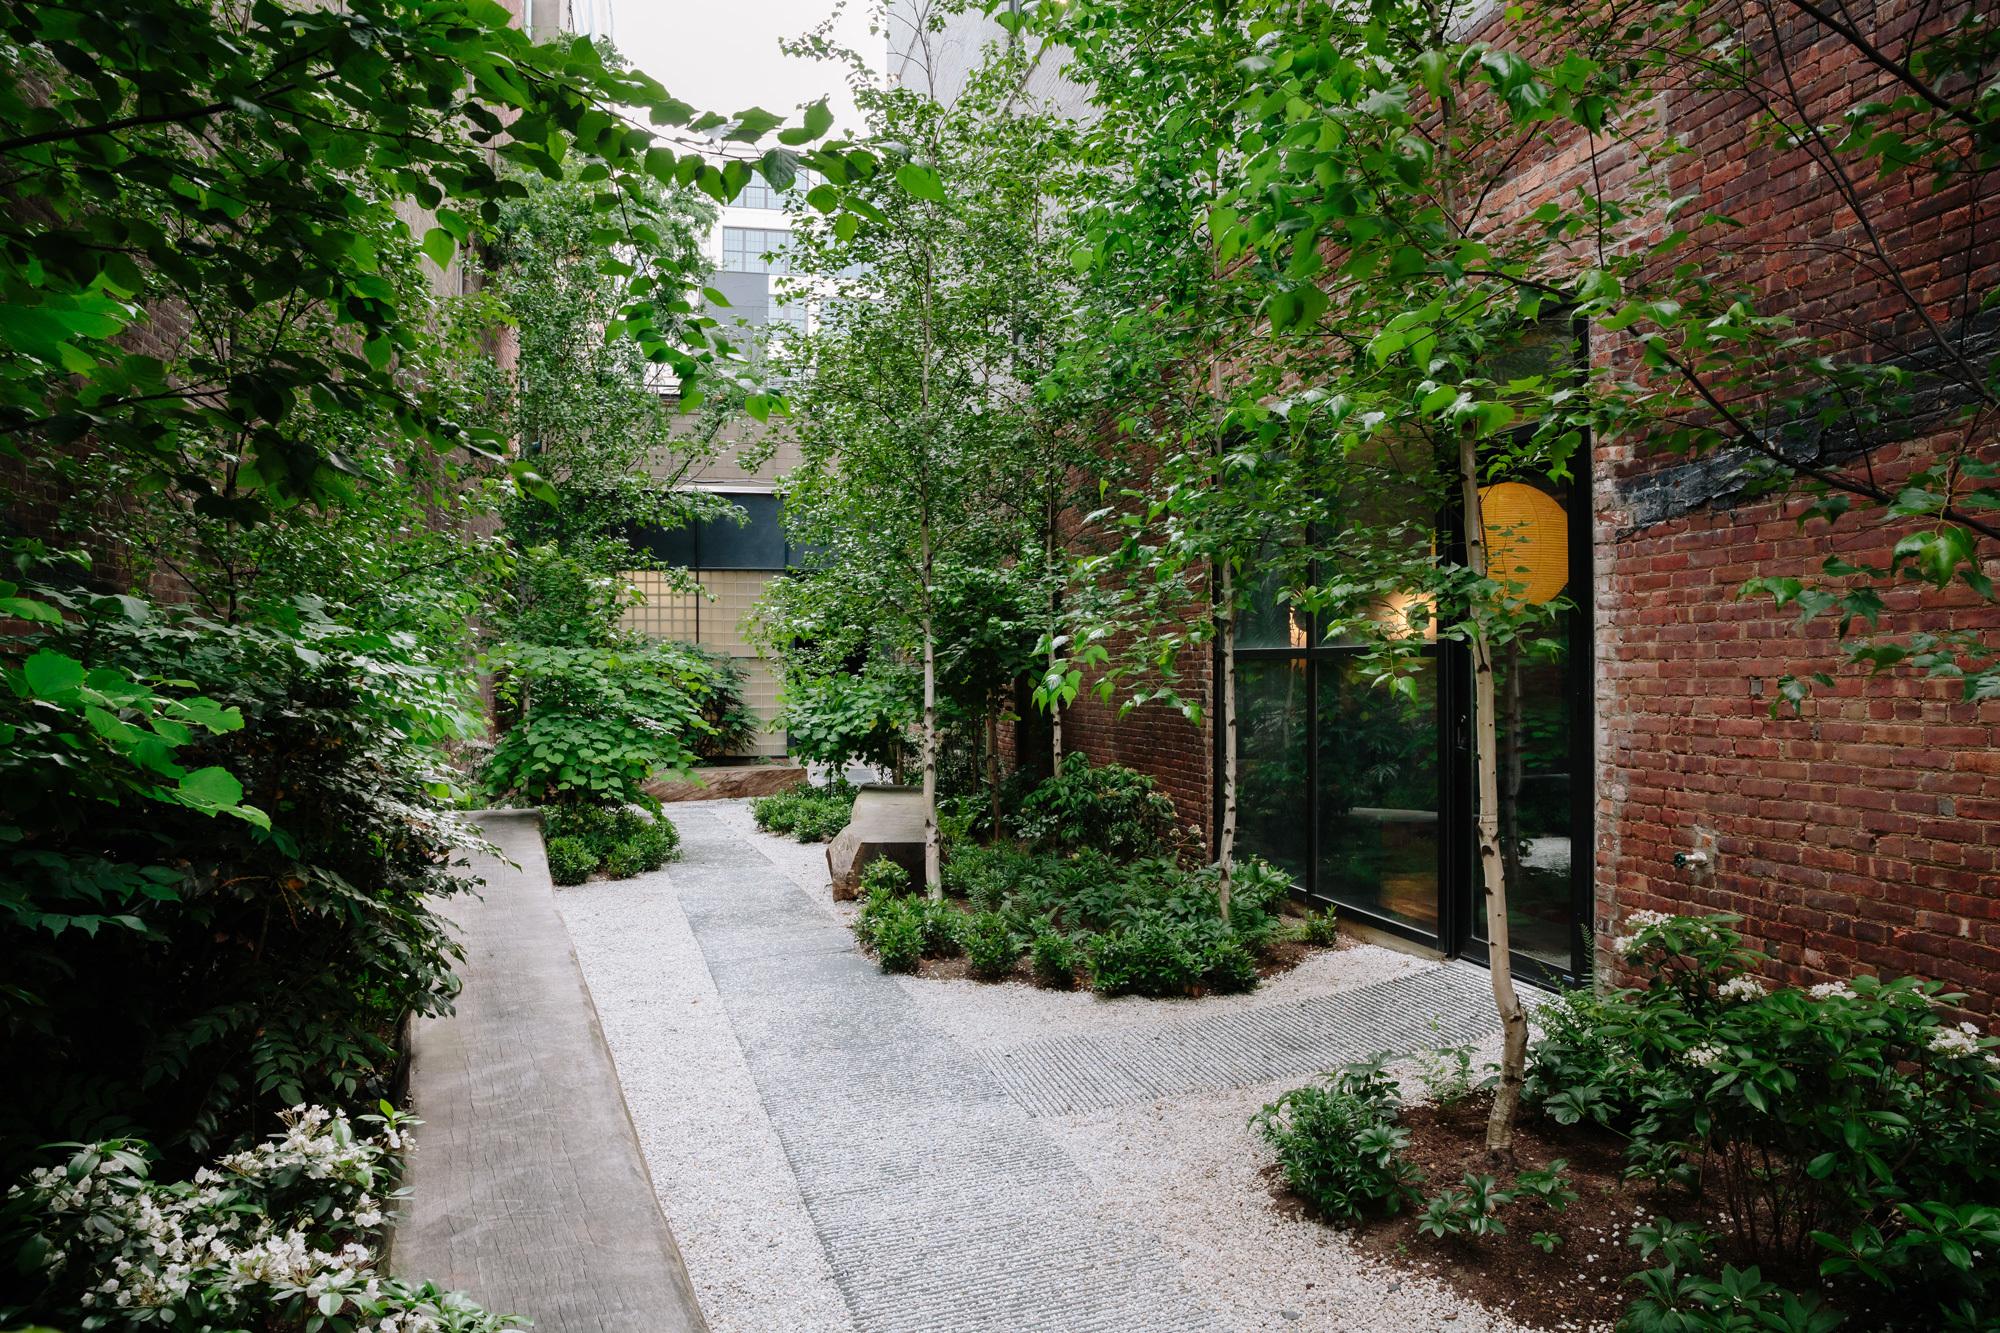 Ein privater Garten sorgt für eine entspannte Arbeitsatmosphäre.